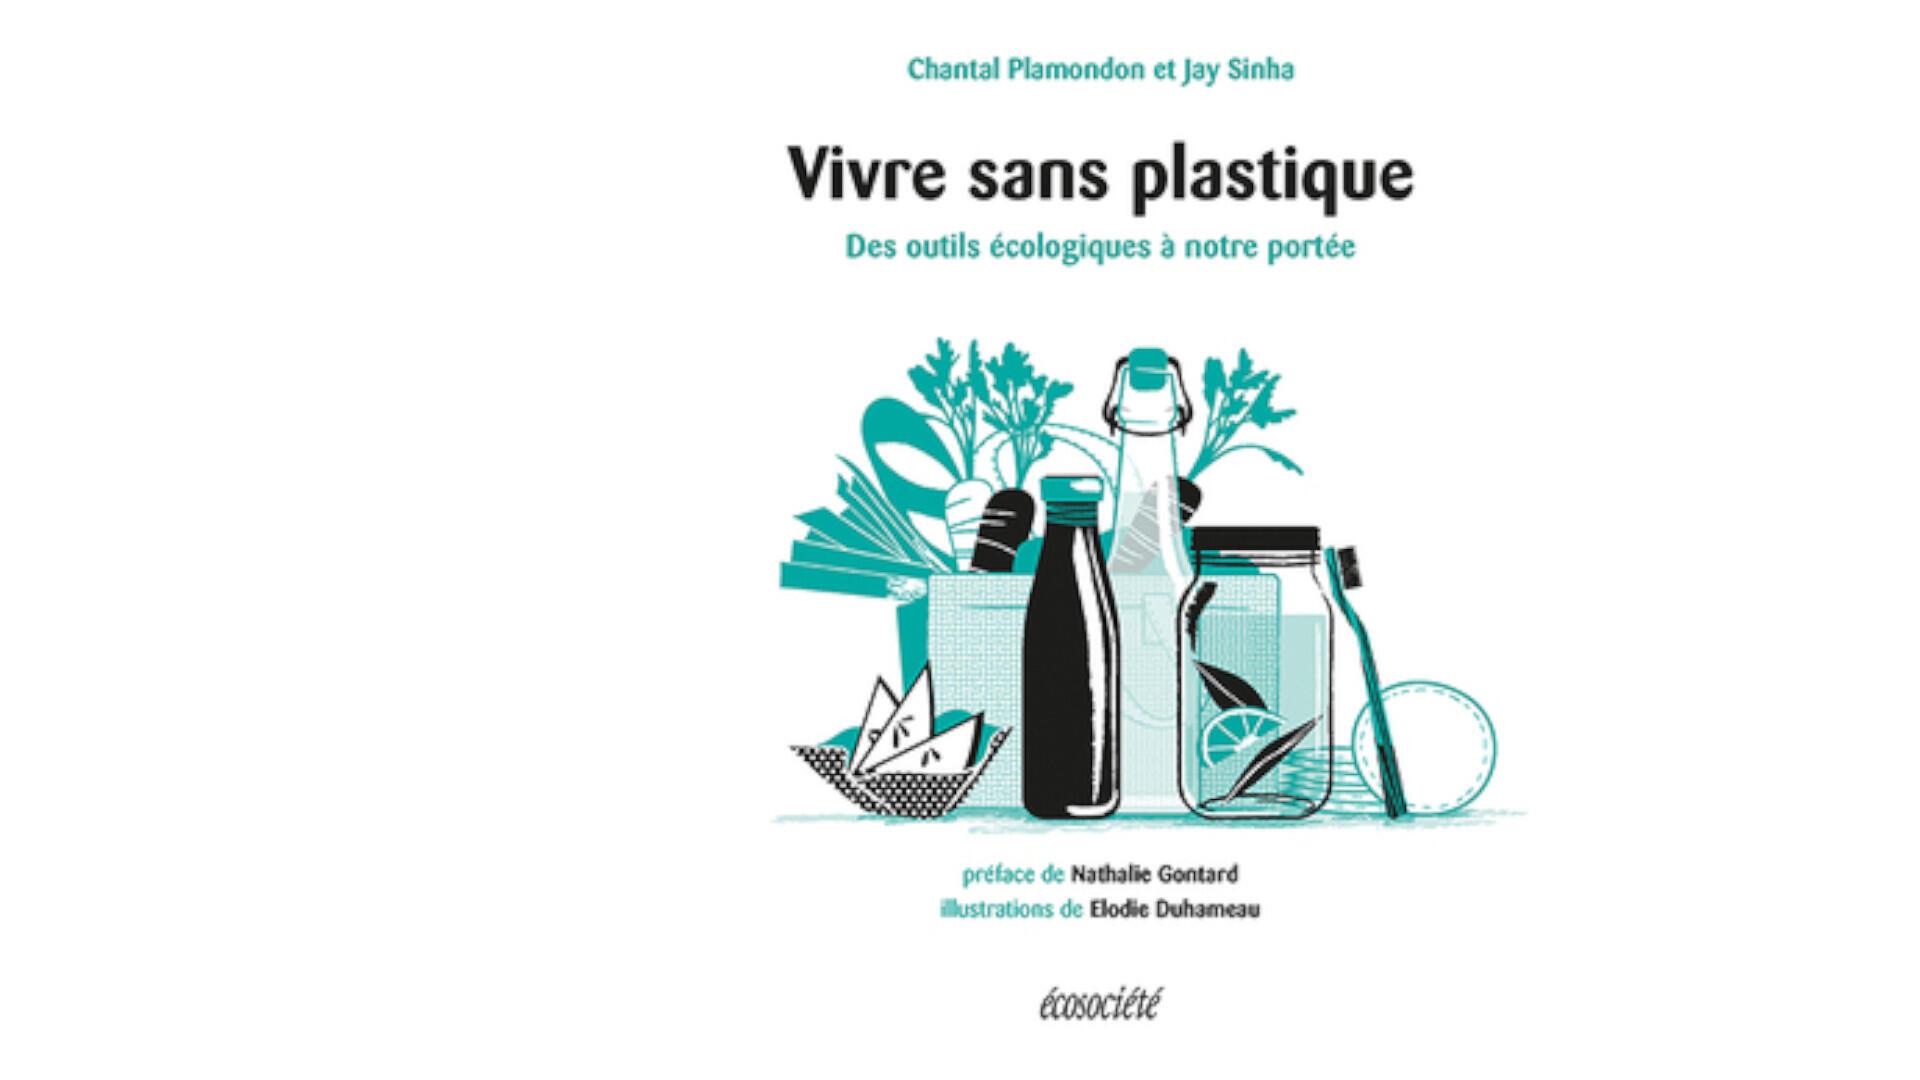 各國關注塑料污染問題